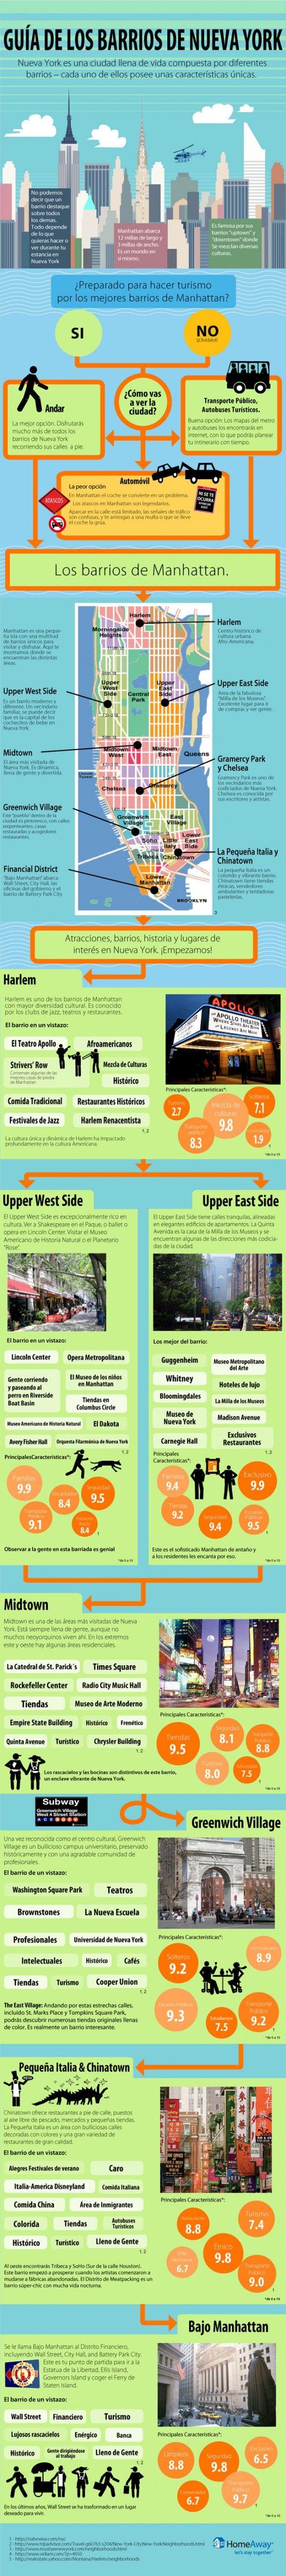 Guía de barrios de Nueva York #infografia #infographic #tourism